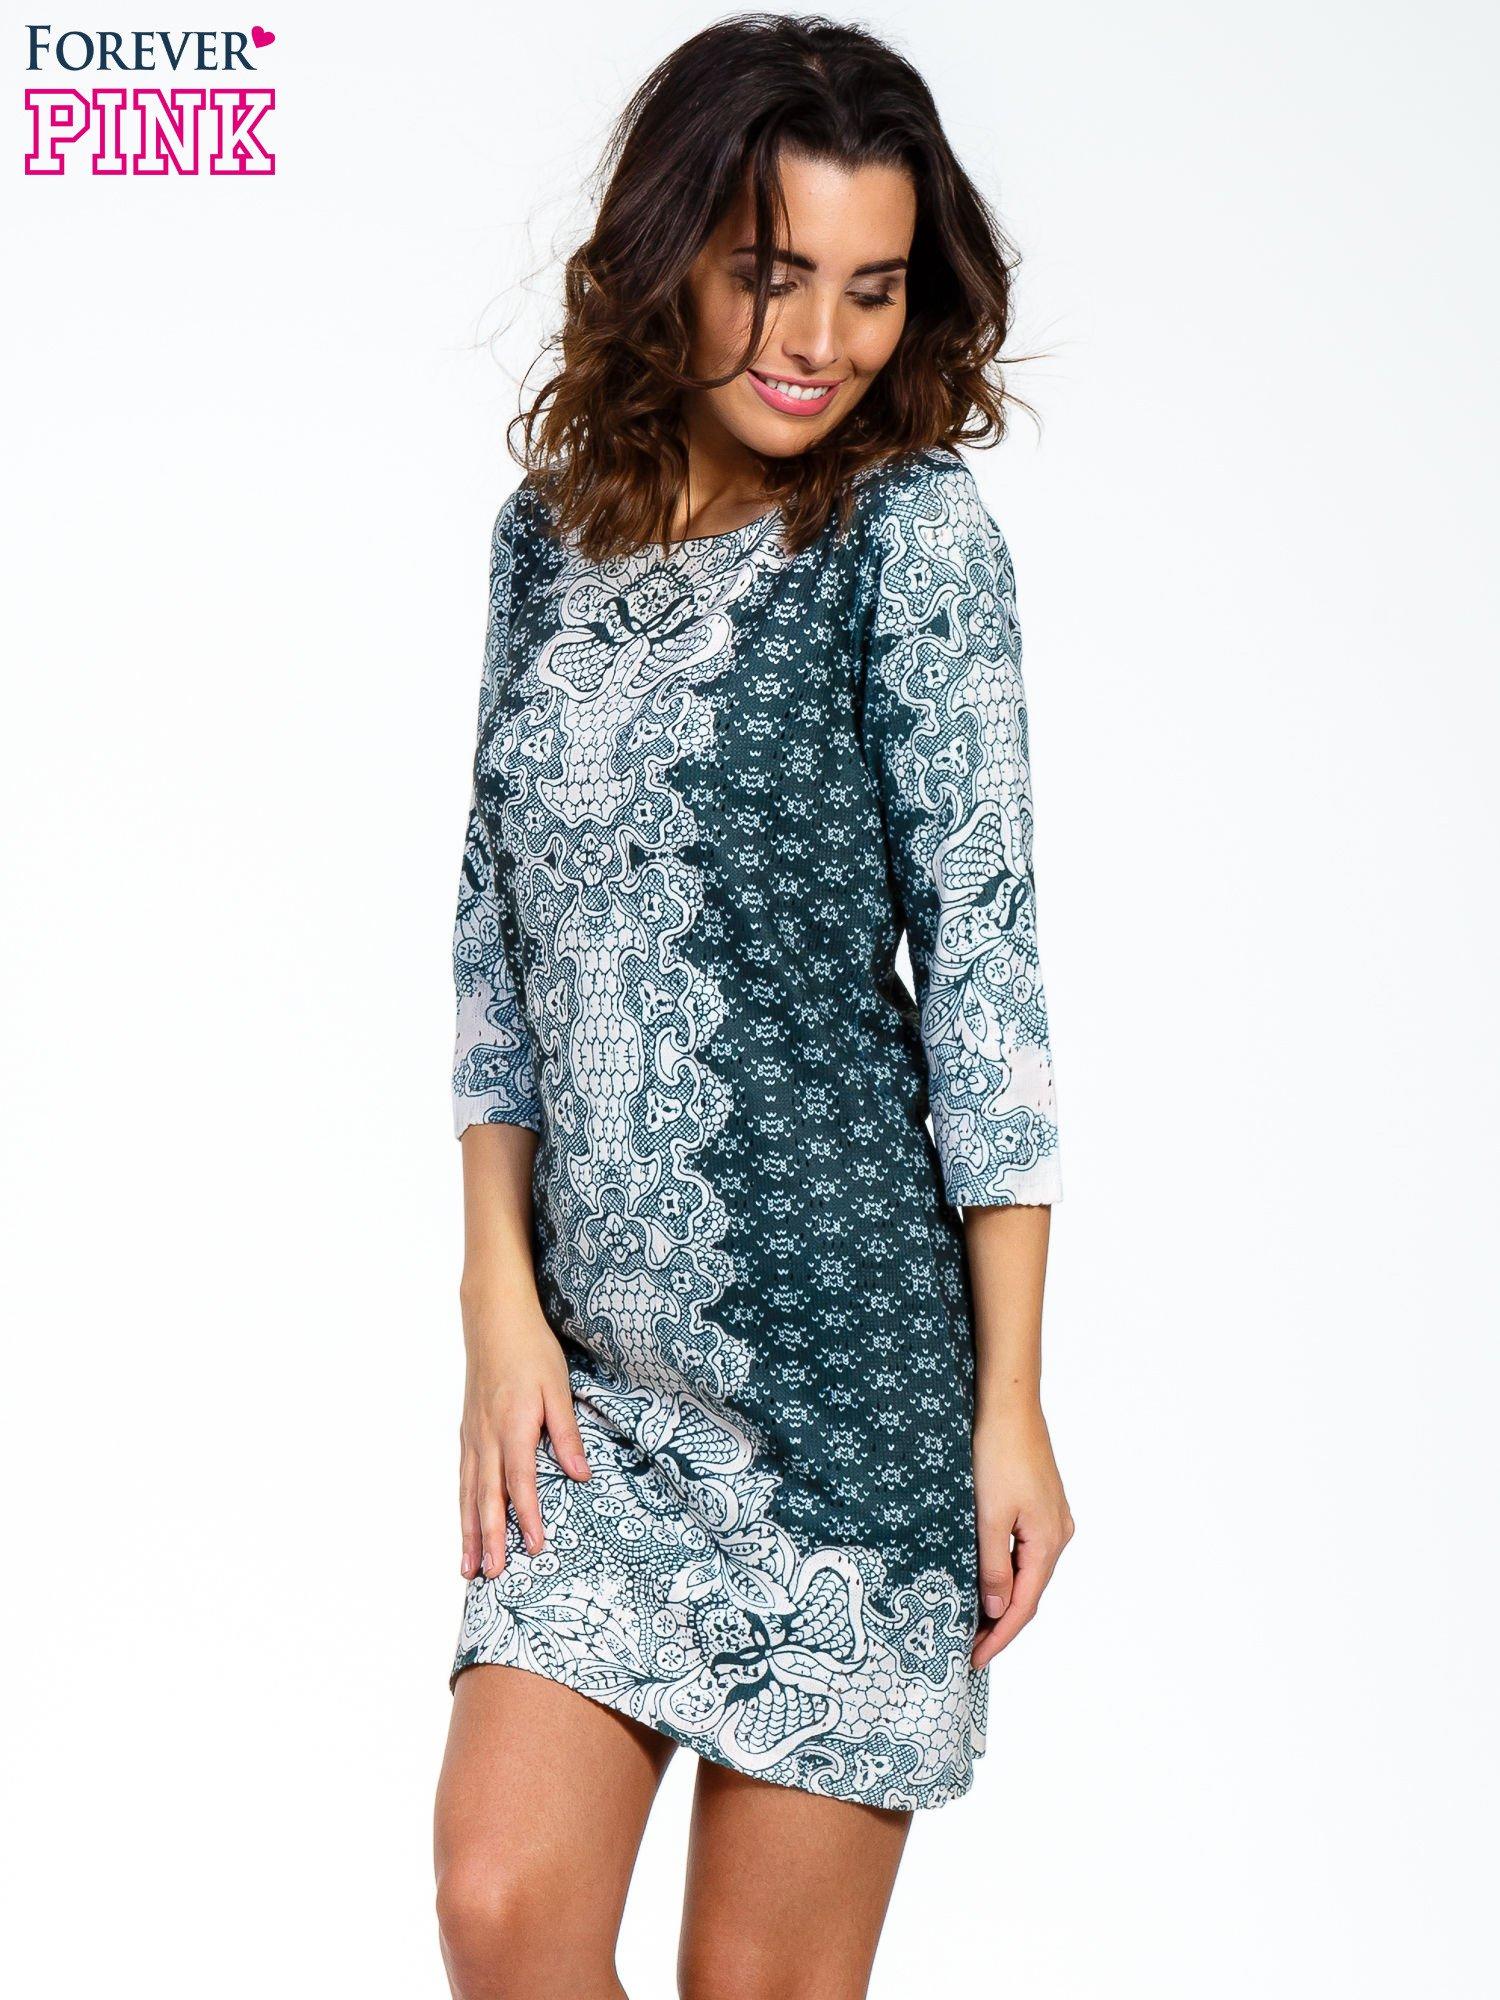 Zielona sukienka z roślinnym nadrukiem                                  zdj.                                  1